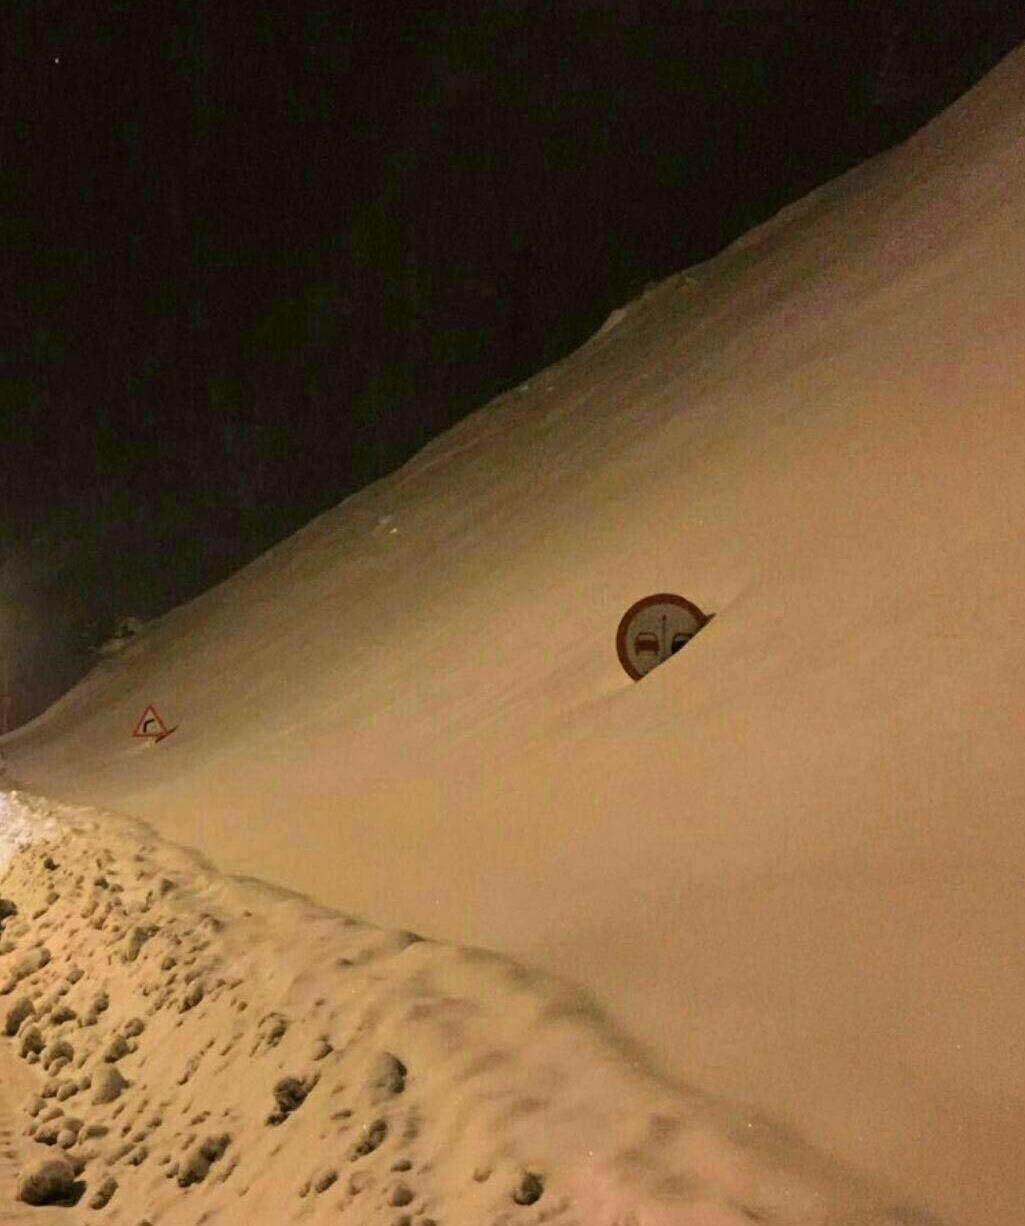 تصویری متفاوت از گردنه حیران برفی